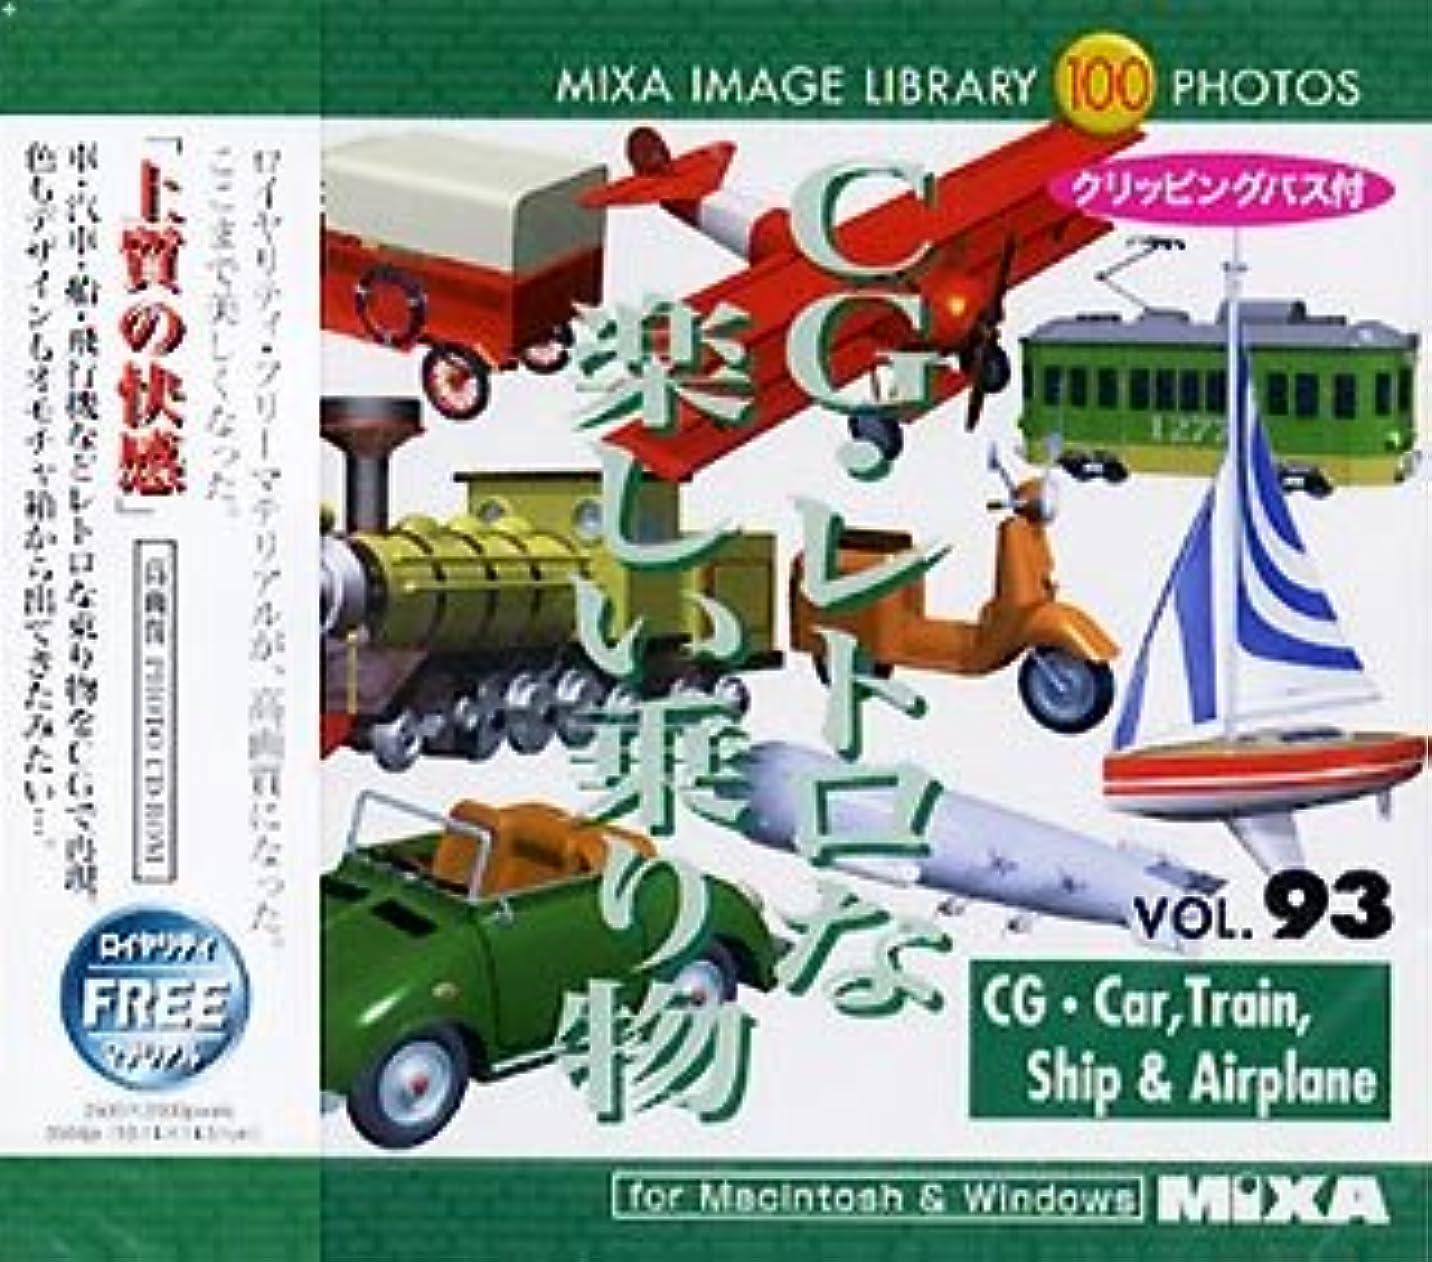 版順番グローバルMIXA IMAGE LIBRARY Vol.93 CG?レトロな楽しい乗り物